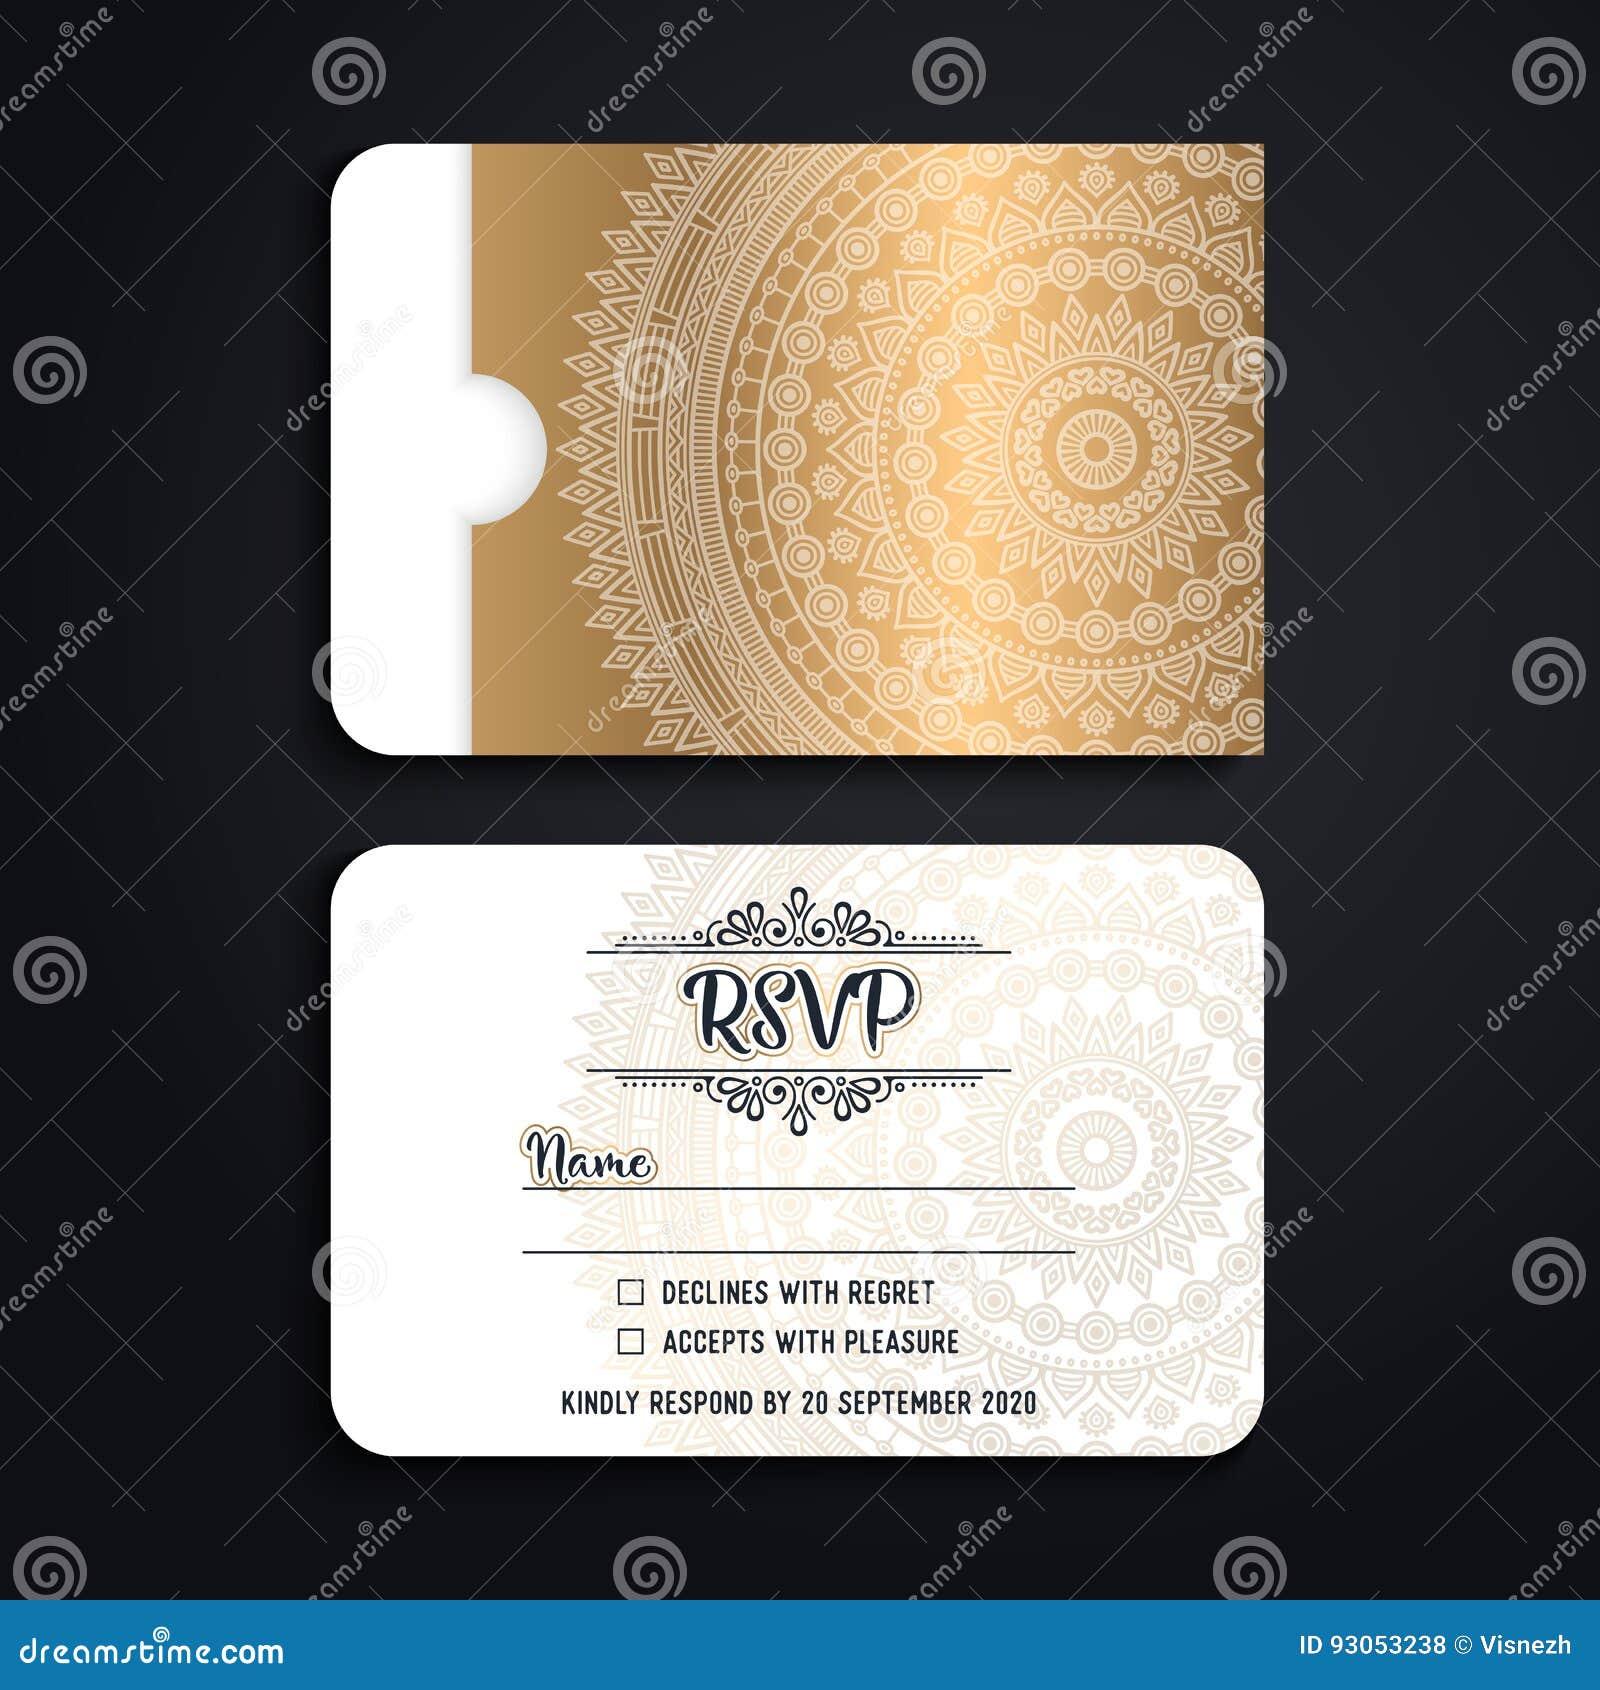 Vector luxury wedding invitation with mandala stock vector download vector luxury wedding invitation with mandala stock vector illustration of business background stopboris Images